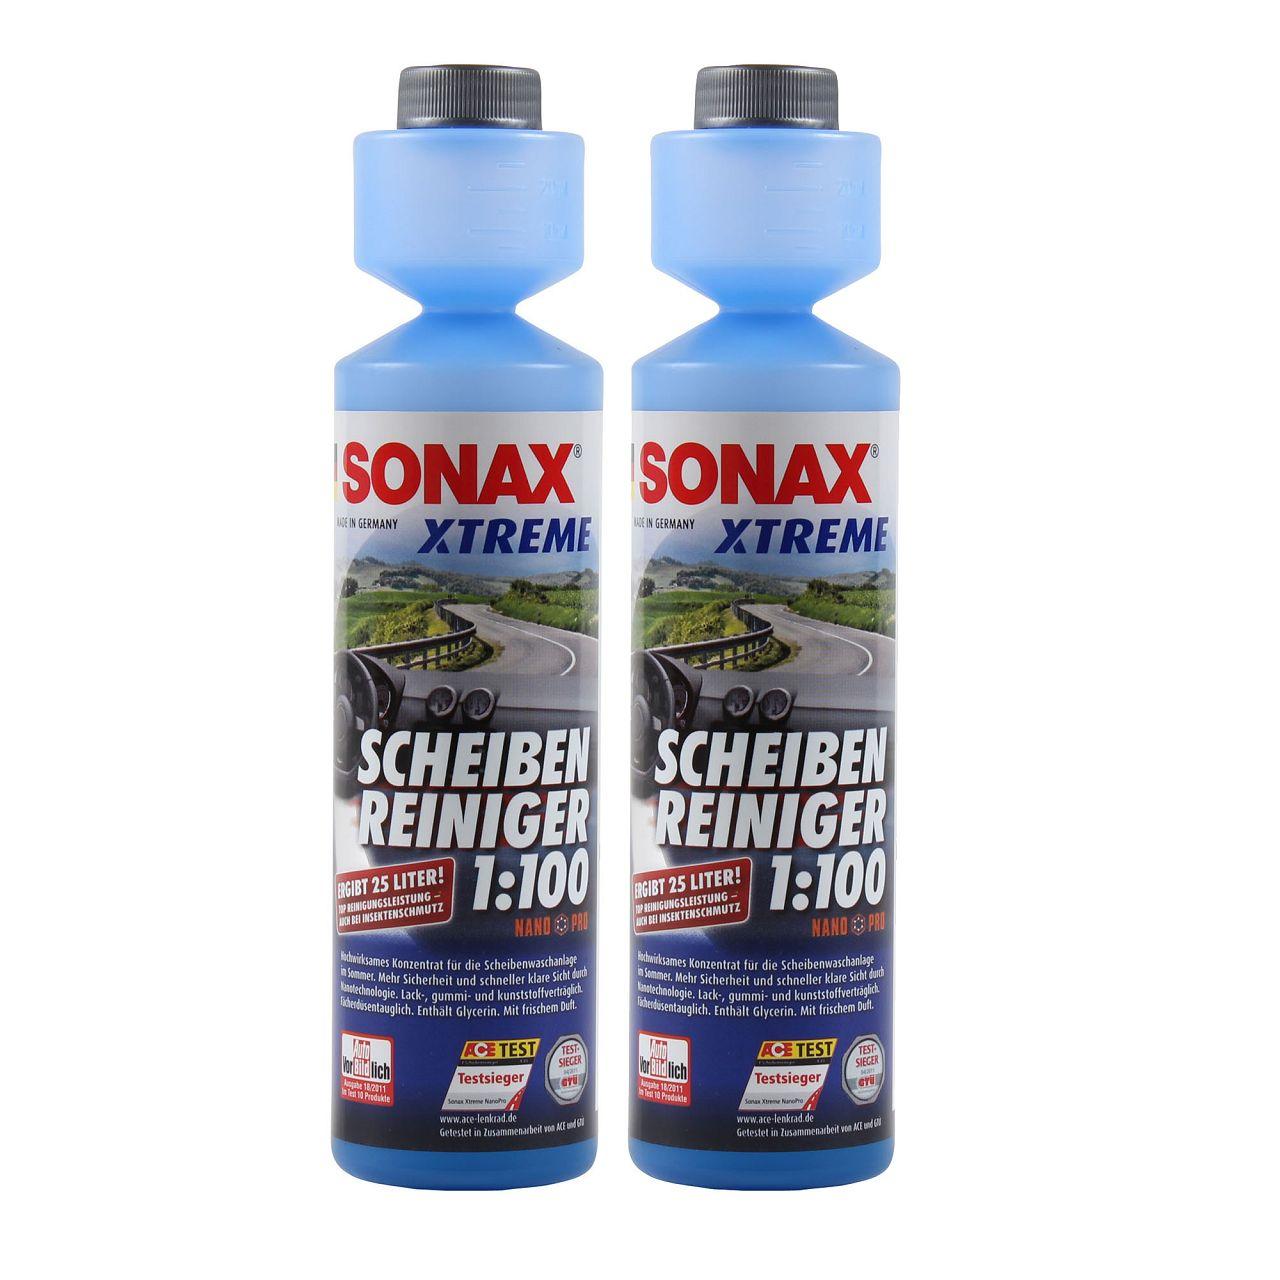 2x 250ml SONAX XTREME Scheiben Reiniger 1:100 NanoPro Scheiben Klar 271141